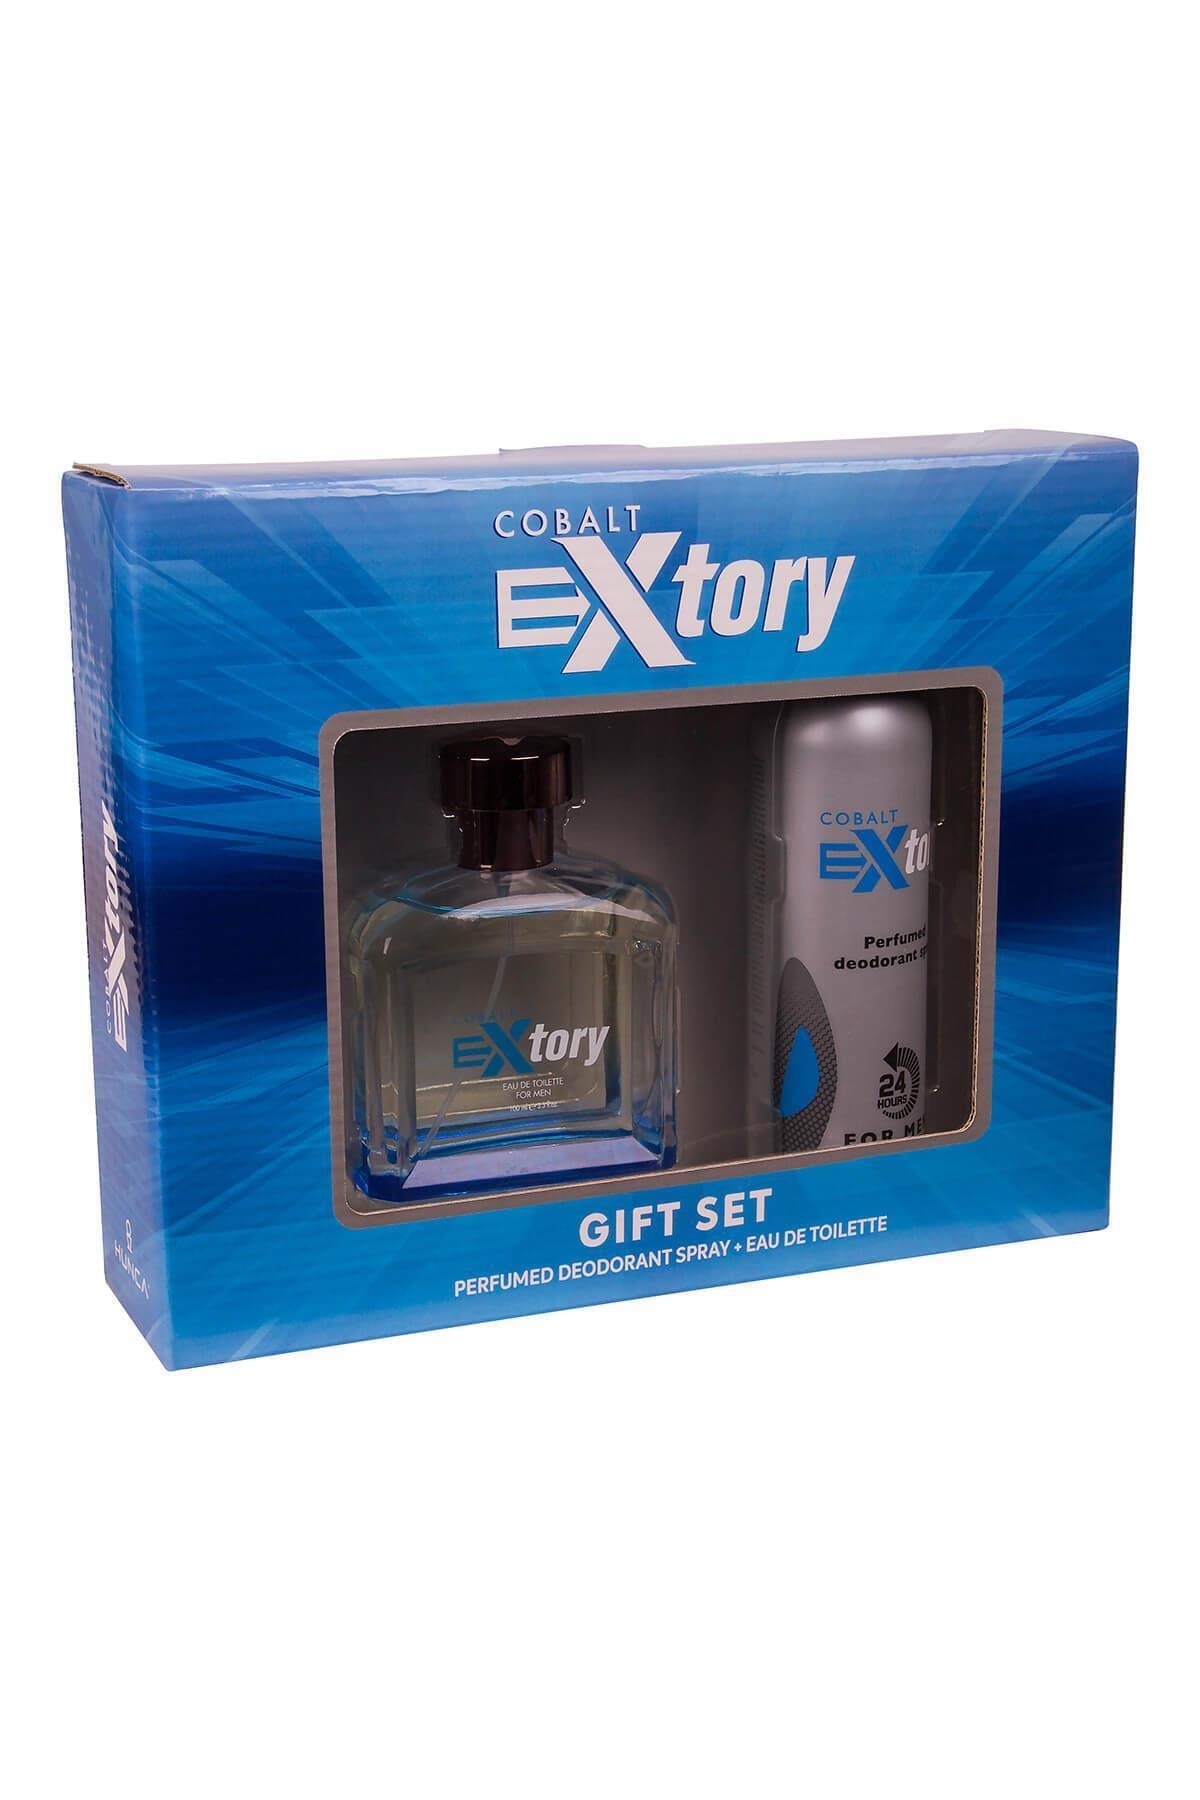 Extory Cobalt Edt 100 ml Erkek Parfüm Seti 9859869879881-2943 1